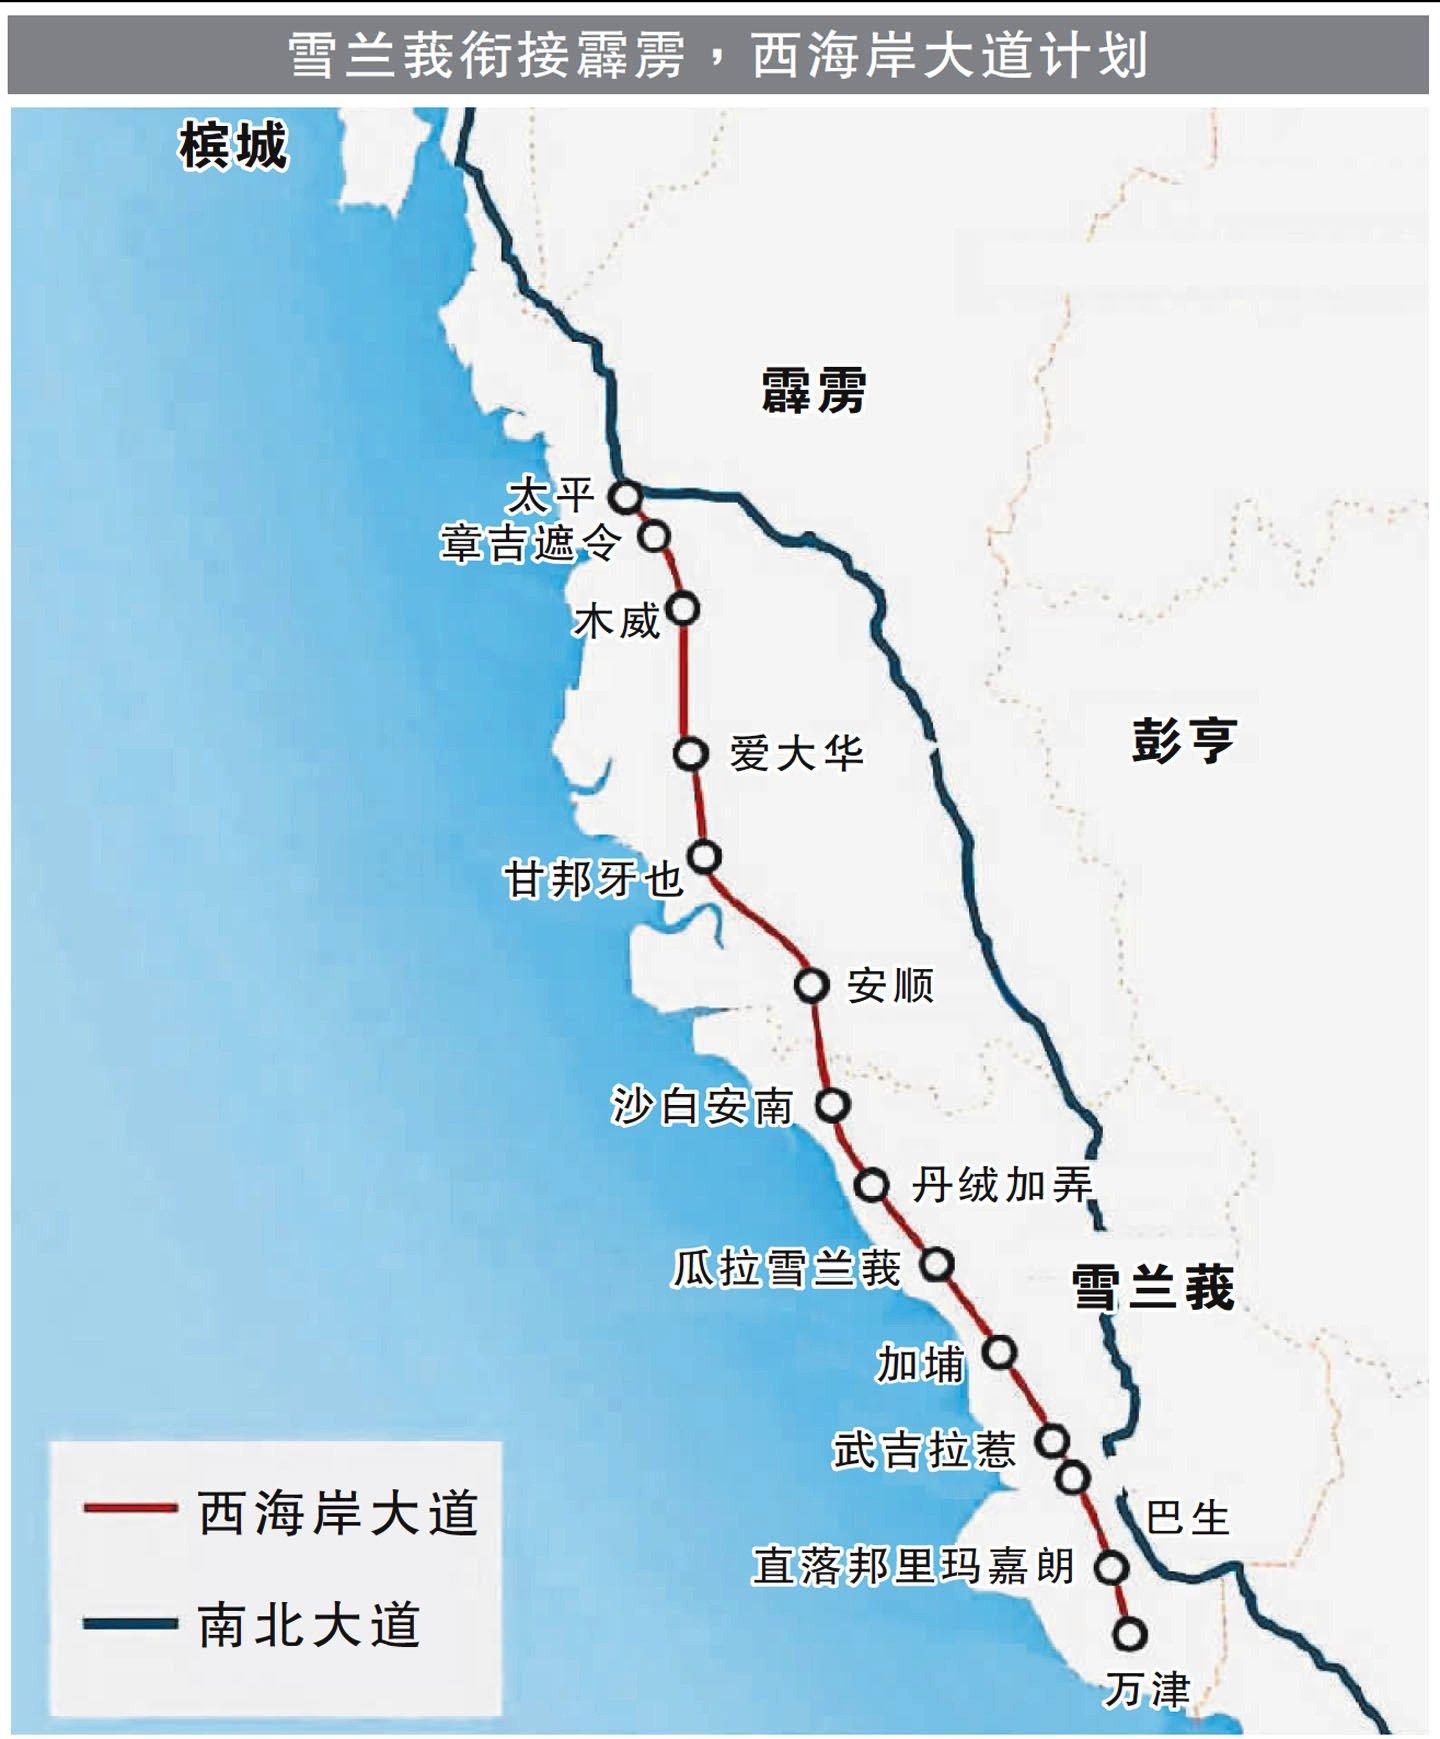 大马人注意⚡ 西海岸大道即日起征收过路费,并全面落实RFID系统!